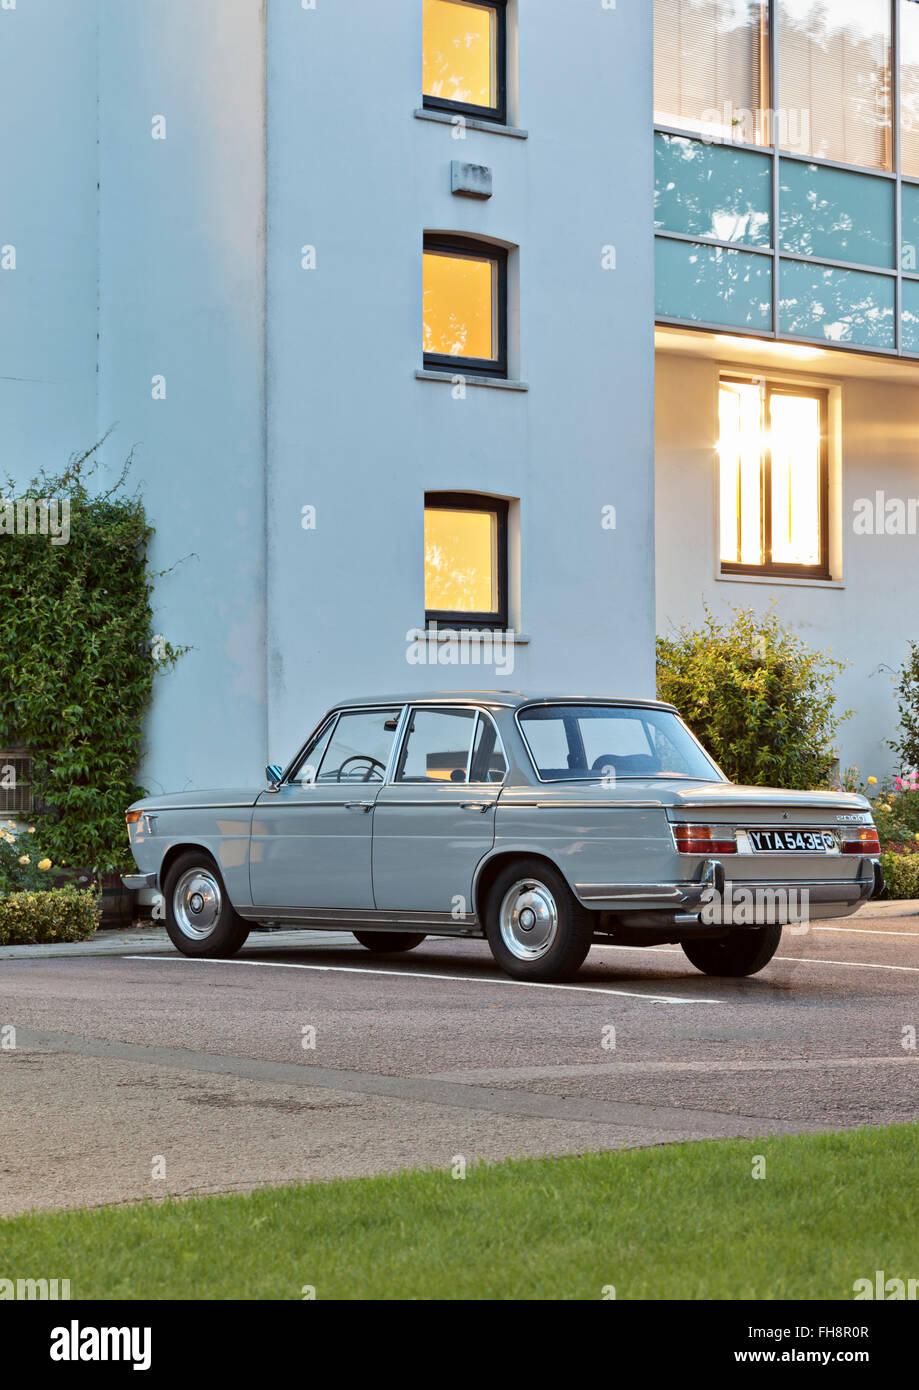 BMW 2000 - Paloma gris clásico coche sedán. Imagen De Stock